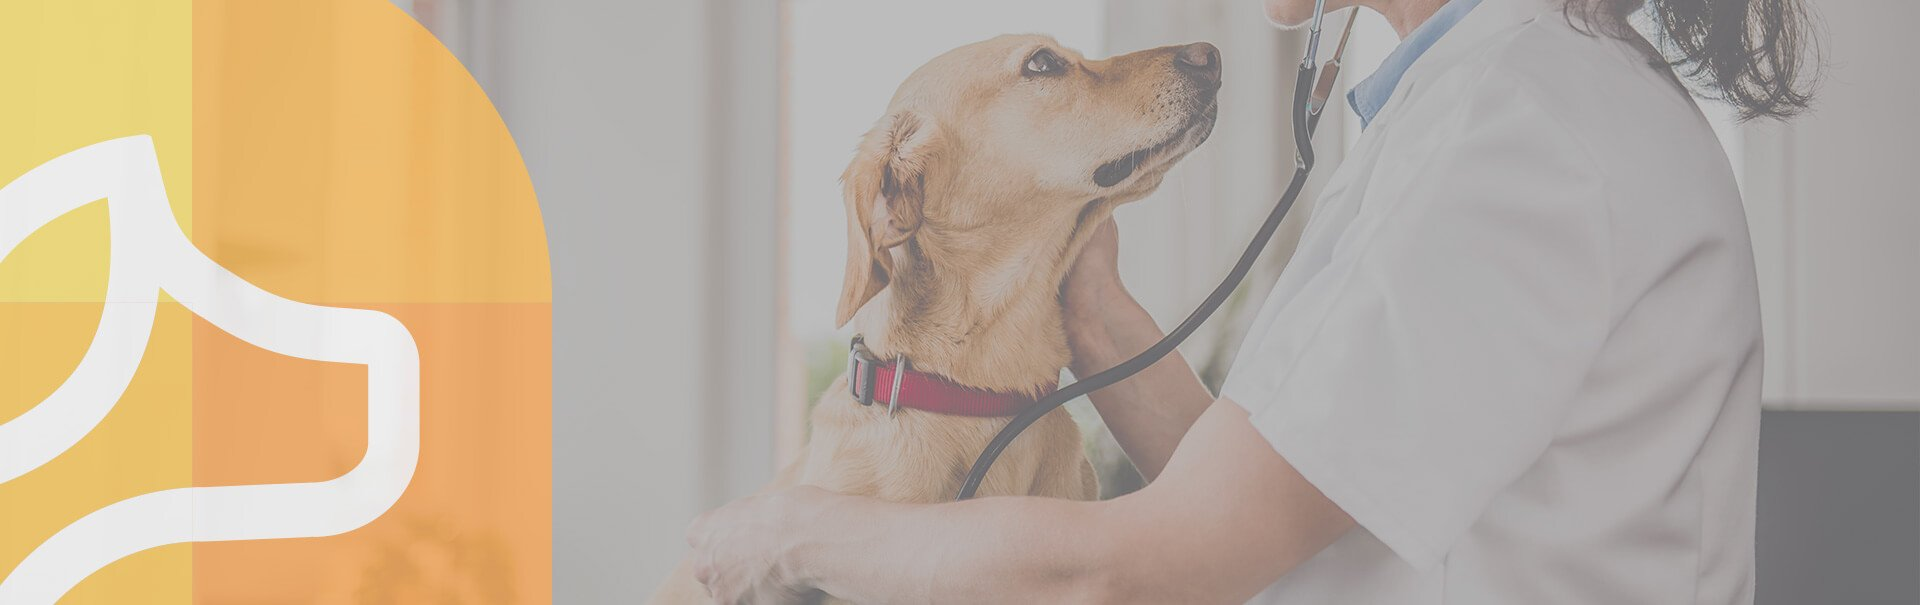 Vétérinaire chien - Clinique Léonis - Consultation médicale